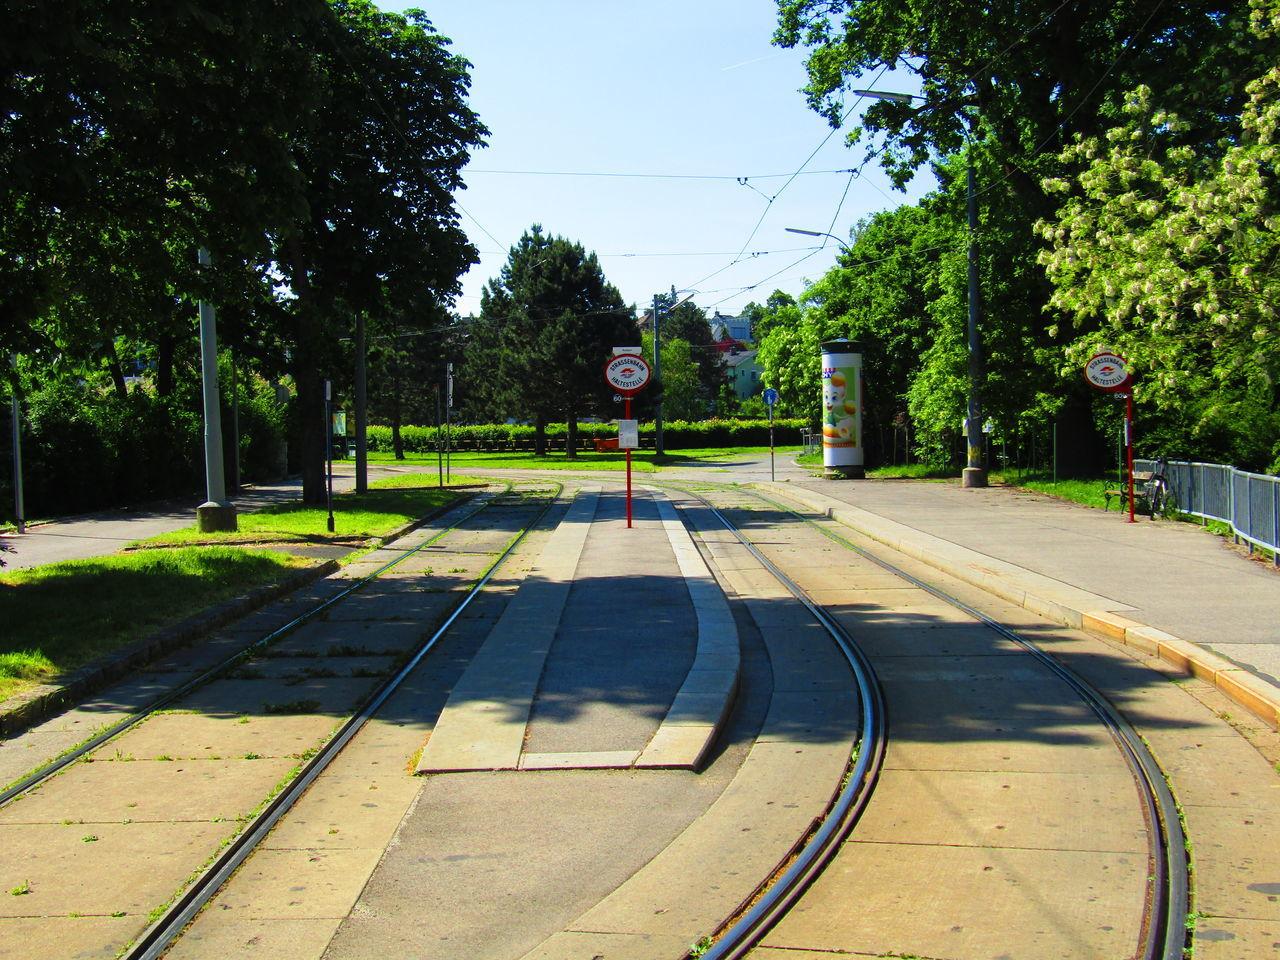 Schienen Schienenverkehr Straßenbahn Rail Rail Transportation Railroad Track Tram Austria Vienna Wien Rodaun